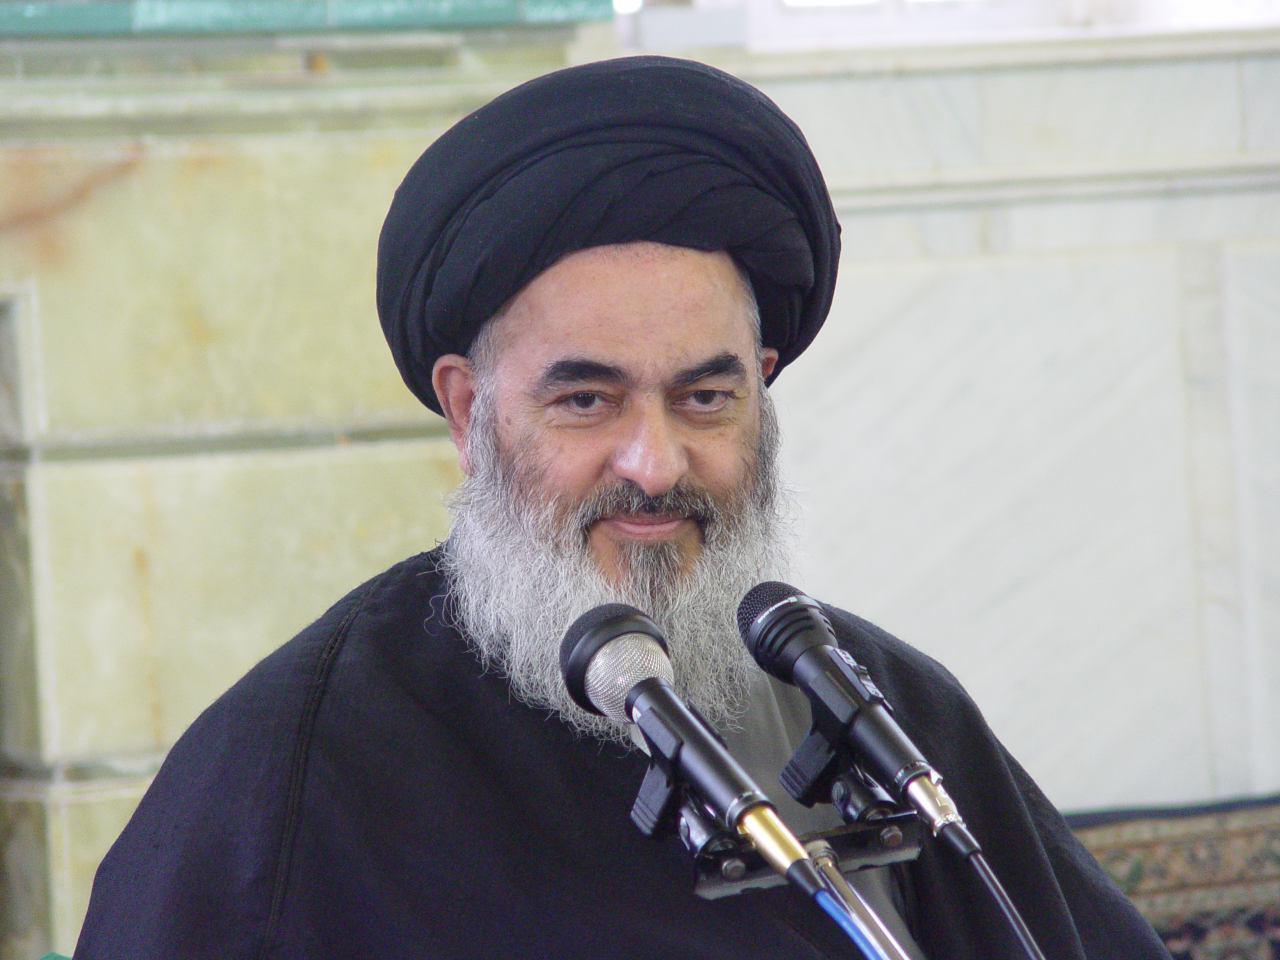 تصویر آغاز درس خارج فقه حضرت آيت الله العظمى شيرازى، در شهر قم